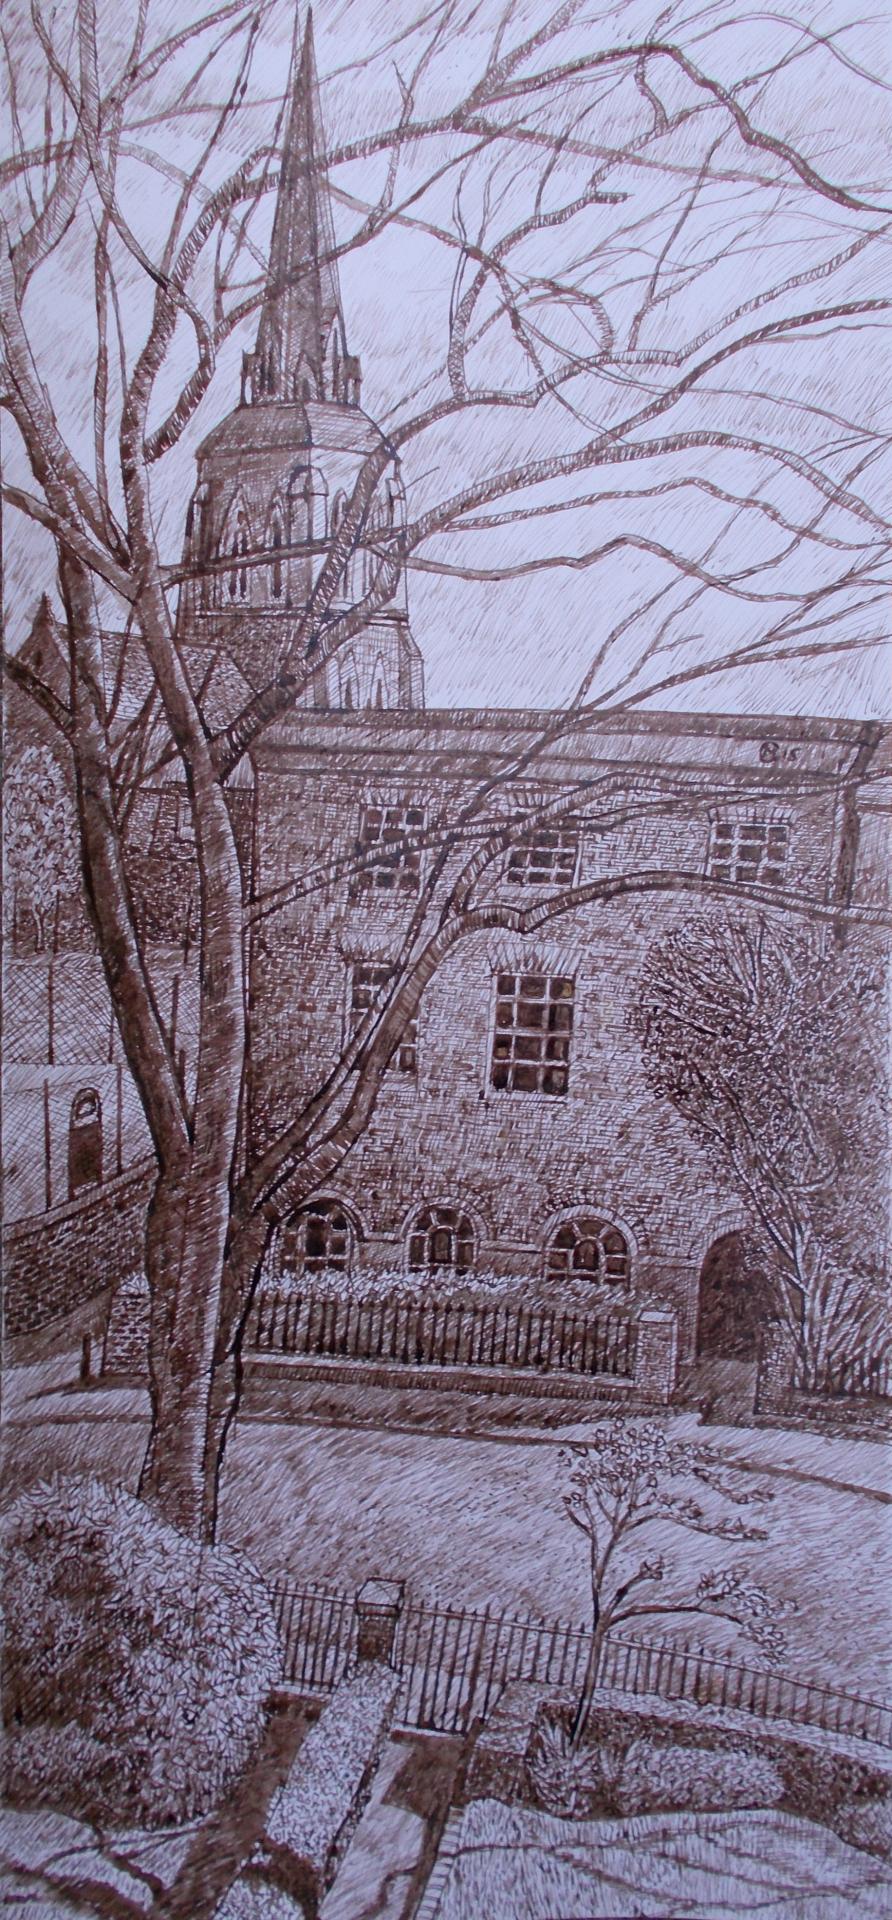 Houses near Denmark Hill - 2015 - Pen & Ink